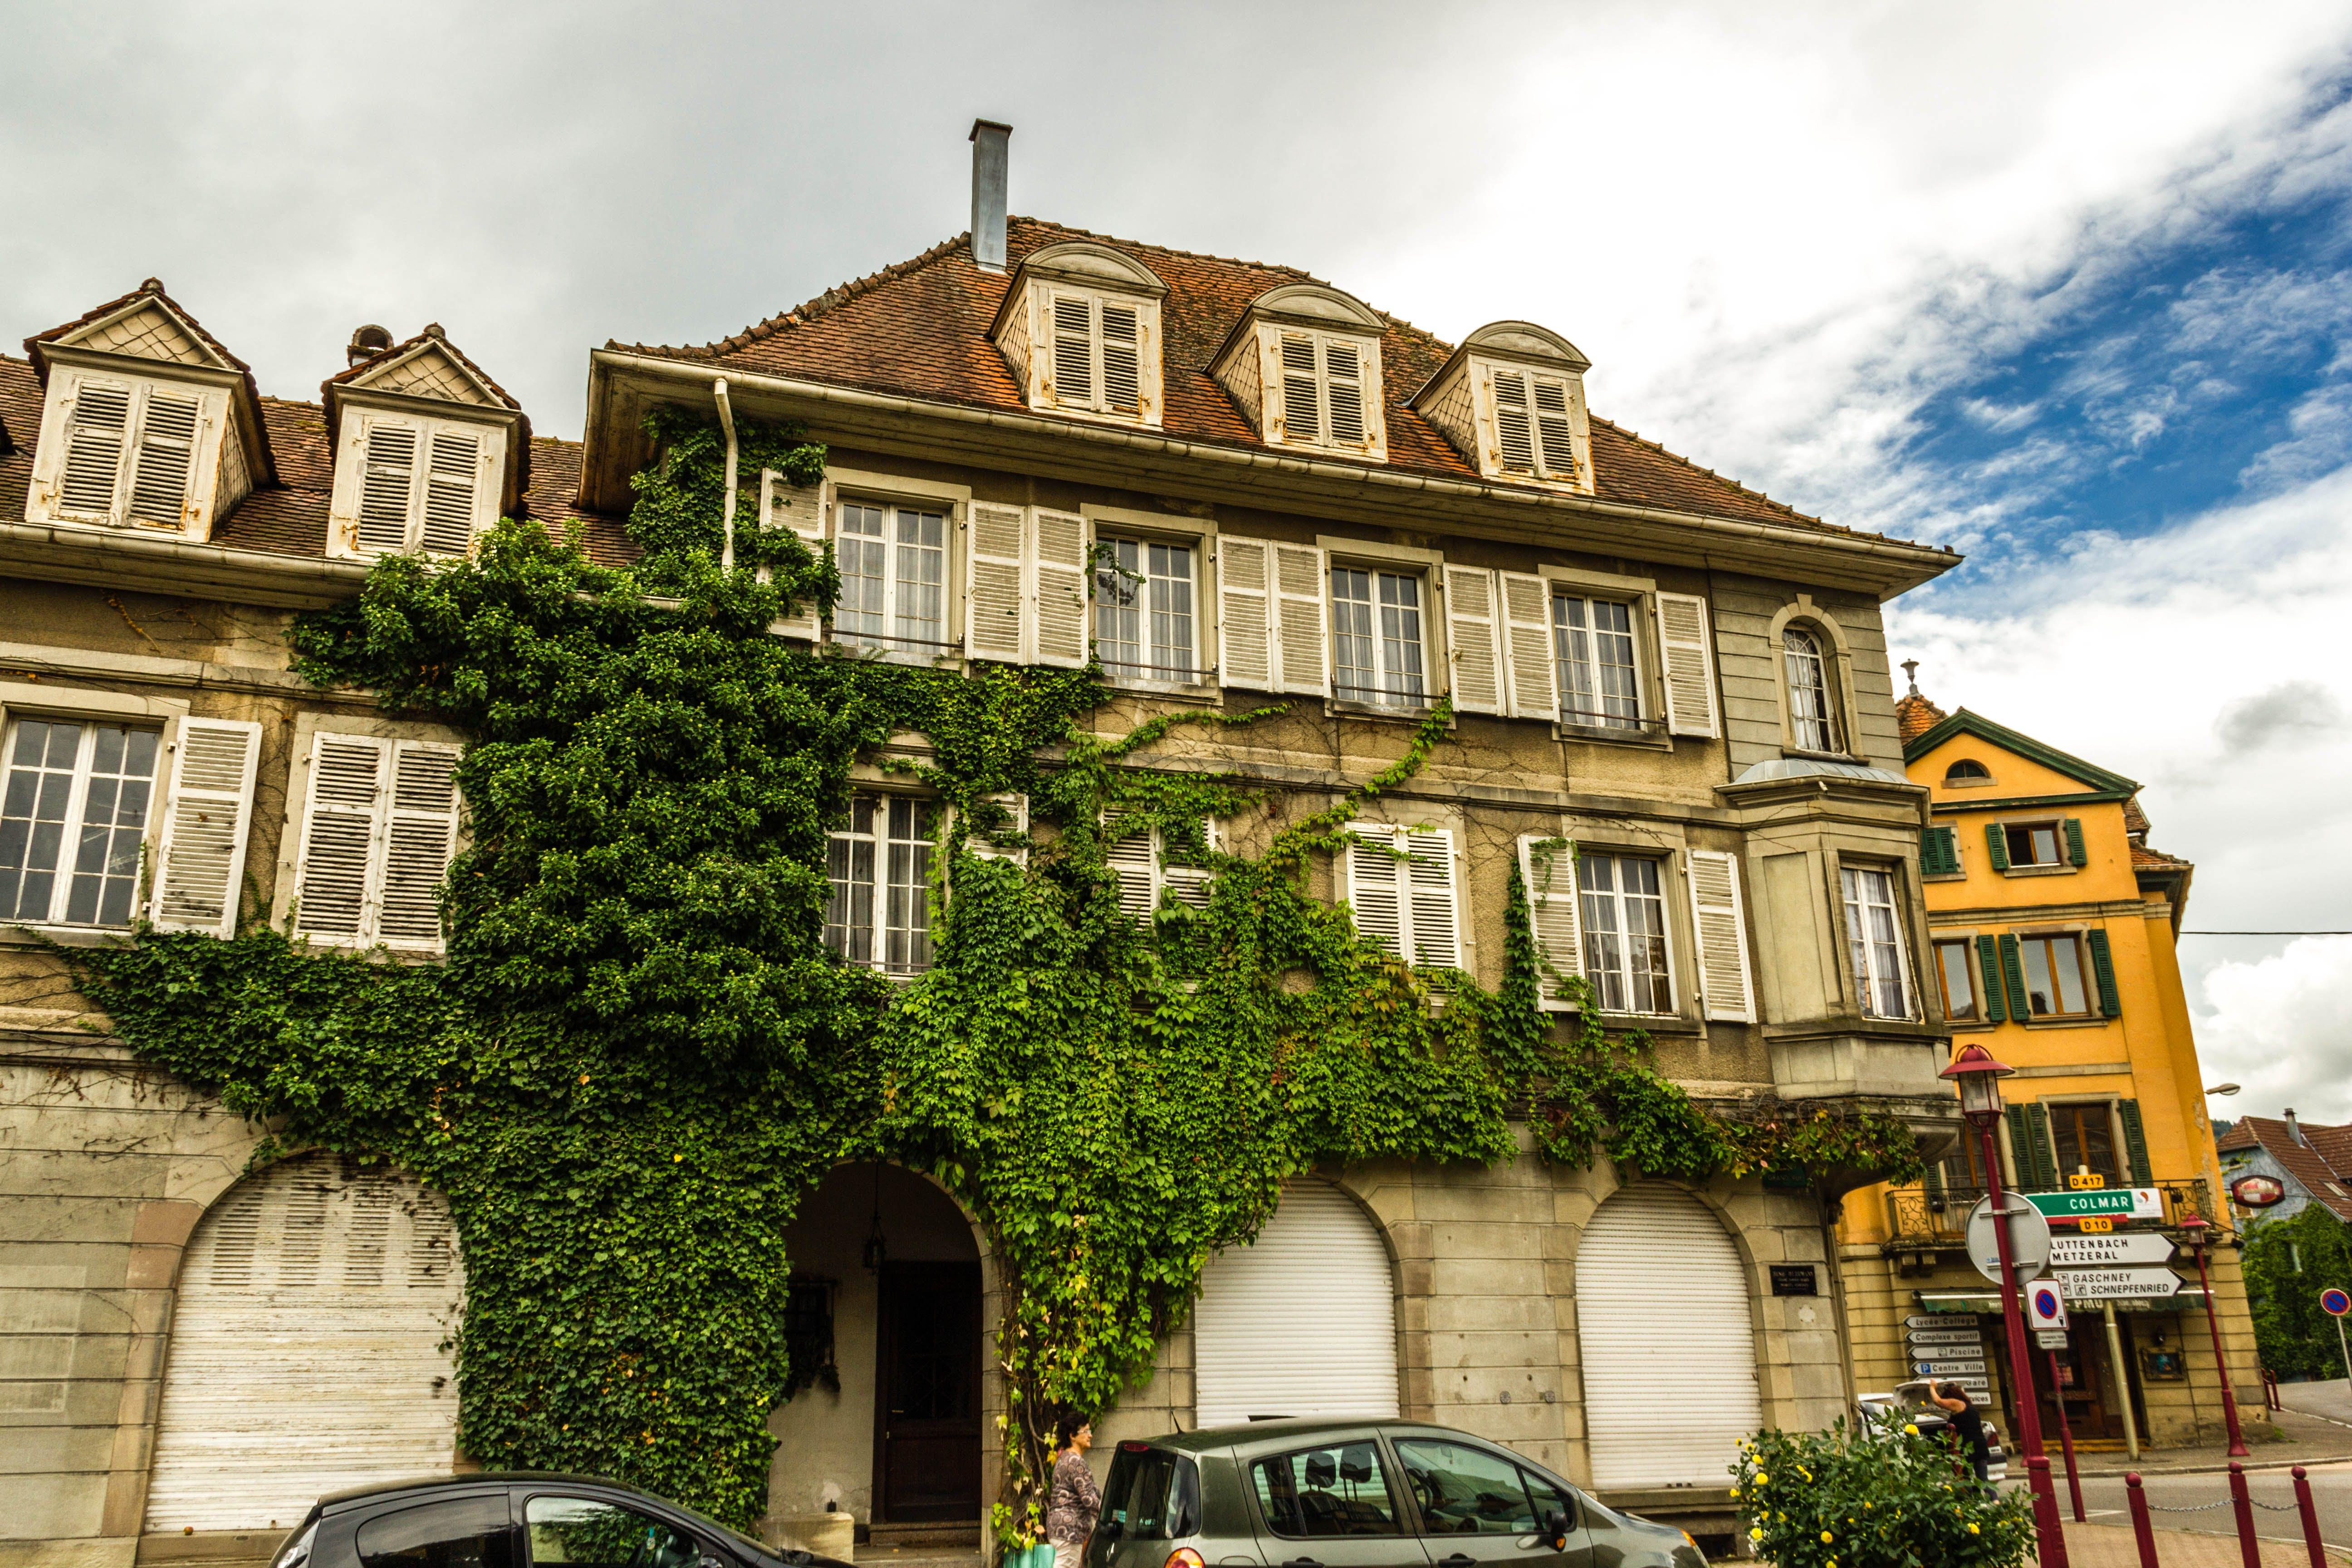 alsace, apartment, architecture